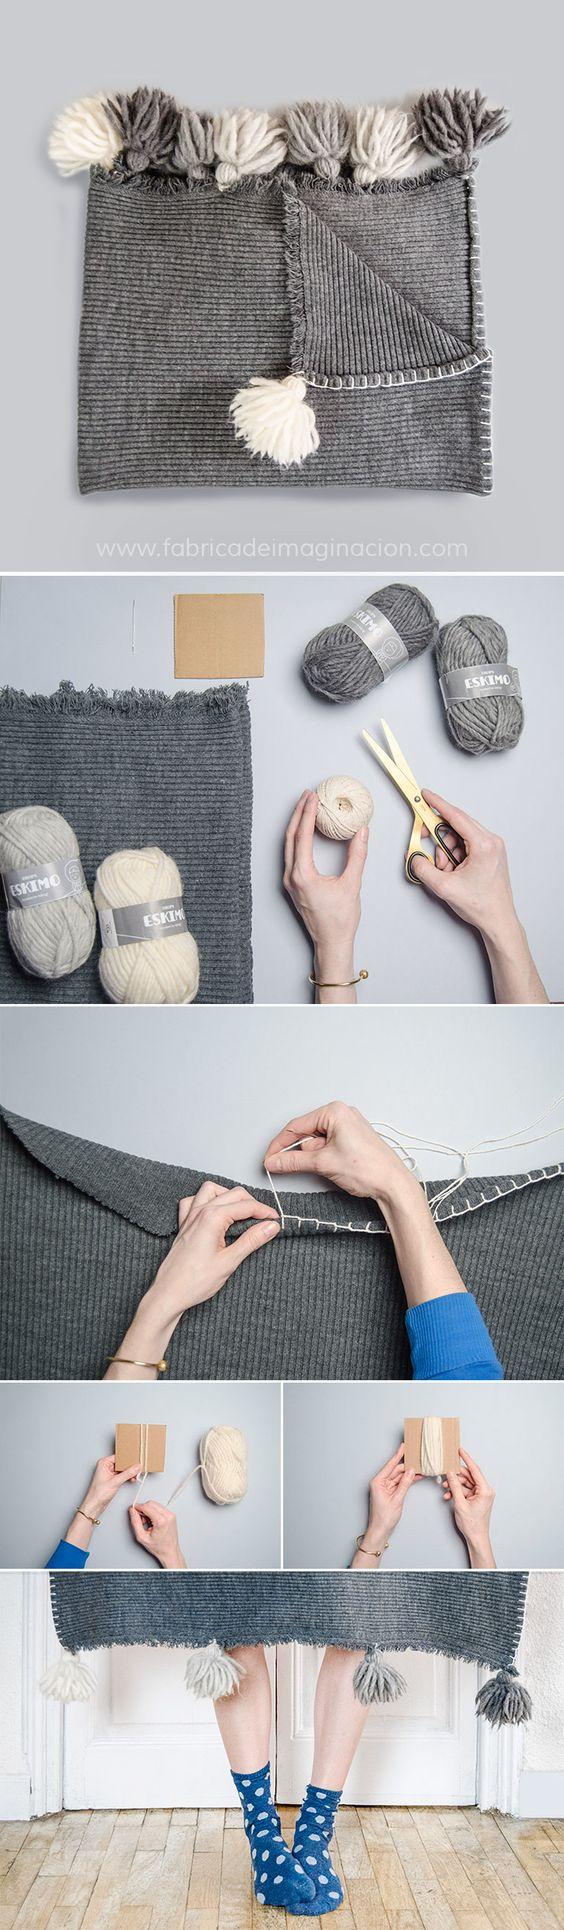 DIY Mantas con borlas · Fábrica de Imaginación DIY: